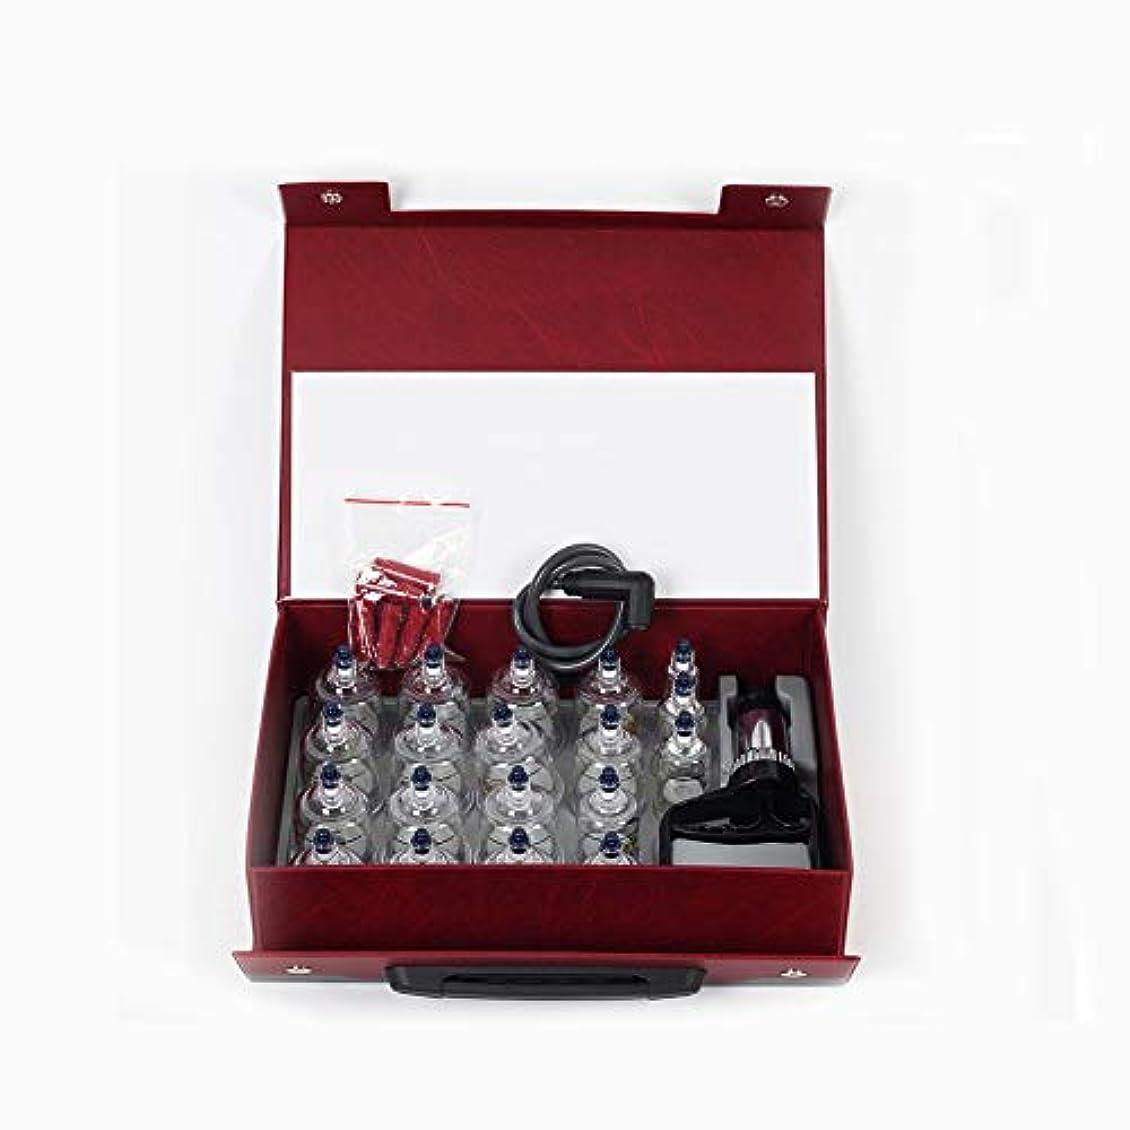 キャプチャー減るシェルカッピング セップレミアム品質のカッピングセットセラピーマッサージセット血液循環筋肉および関節痛セルライト用のシリコン真空吸引カッピングカップ(クリア、19)